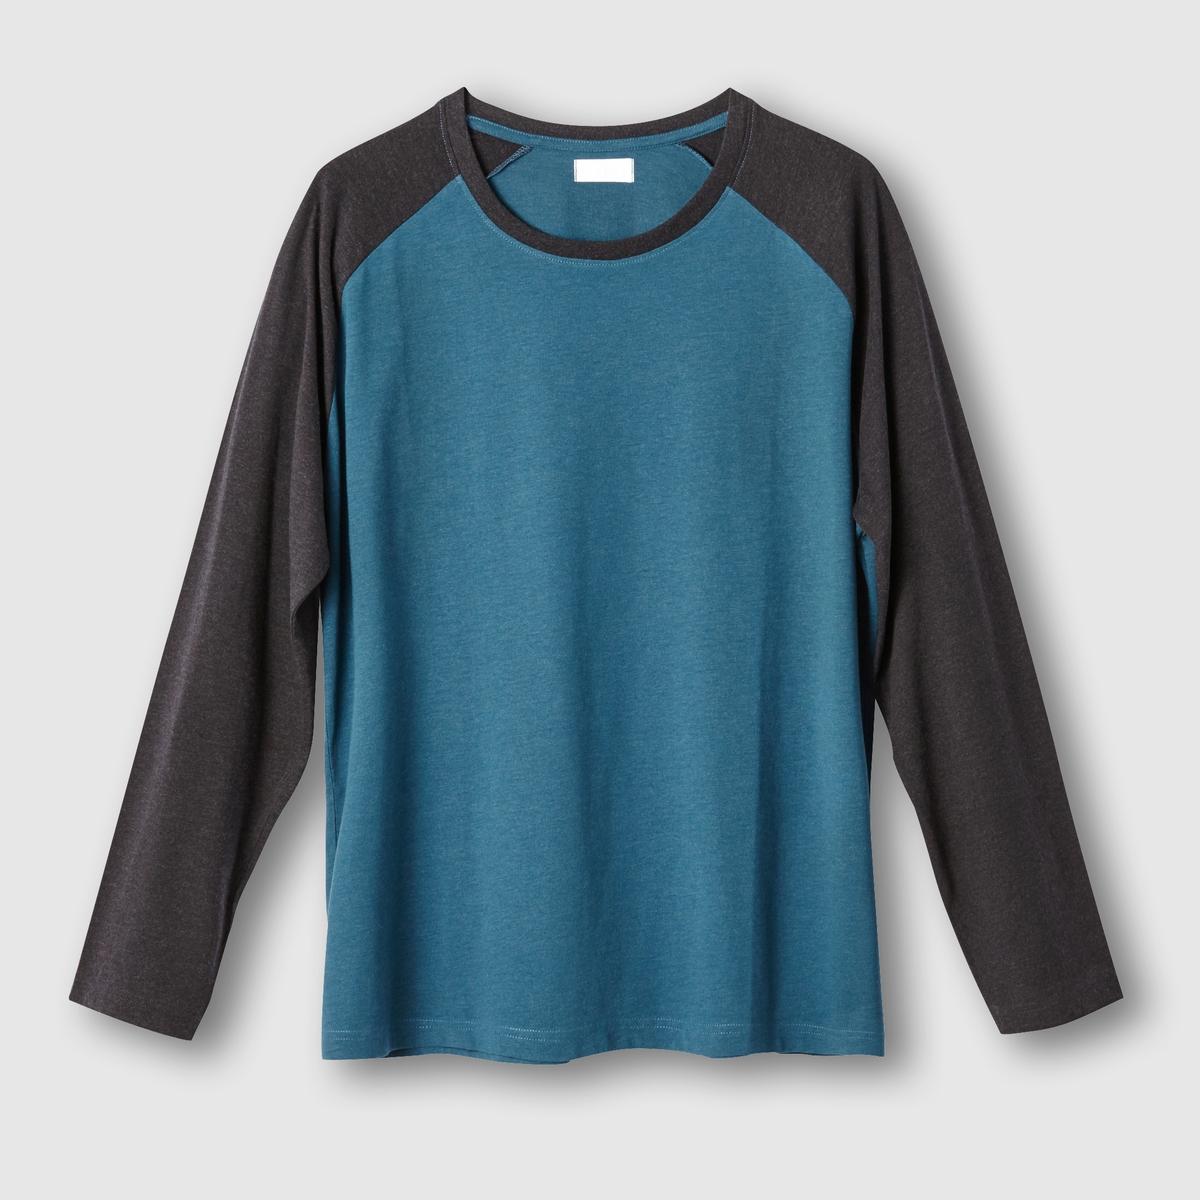 Футболка с длинными рукавамиФутболка двухцветная с длинными рукавами. Круглый вырез. Контрастная отделка выреза и рукавов. Джерси, 80% хлопка, 20% полиэстера. Длина 75 см.<br><br>Цвет: сине-зеленый/темно-серый меланж<br>Размер: 66/68